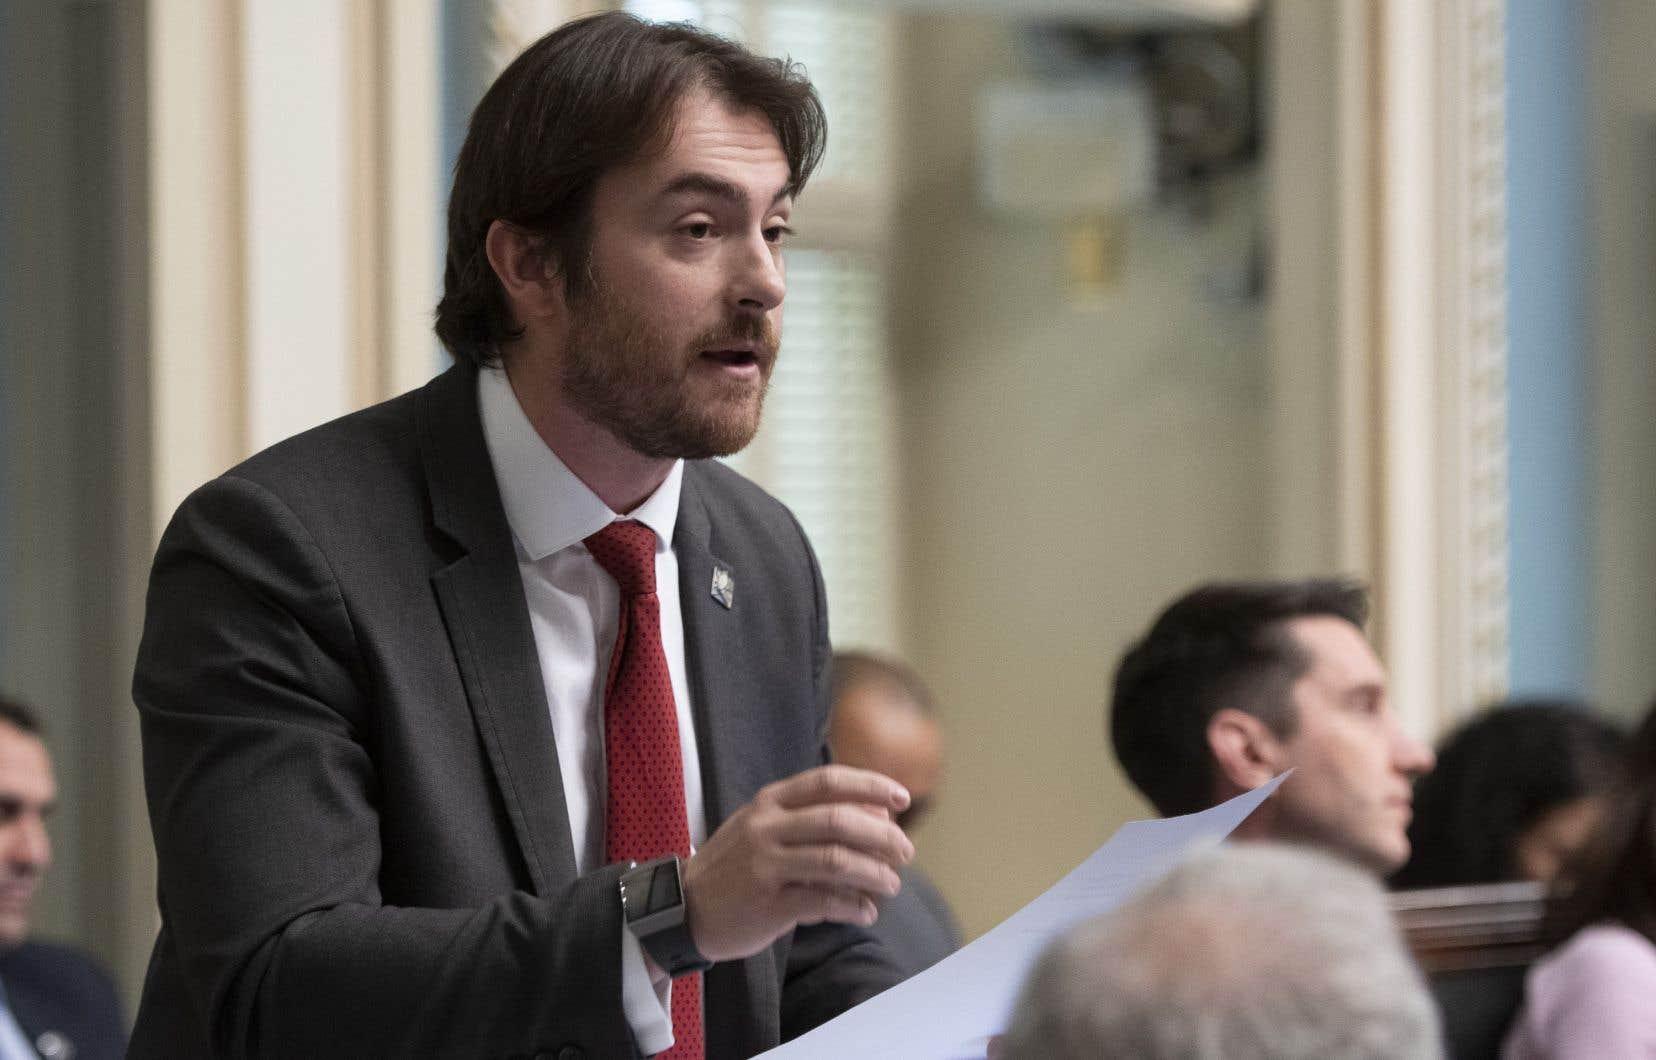 Le député libéral Gregory Kelley propose la gratuité de l'enseignement du français pour toute personne résidant au Québec.